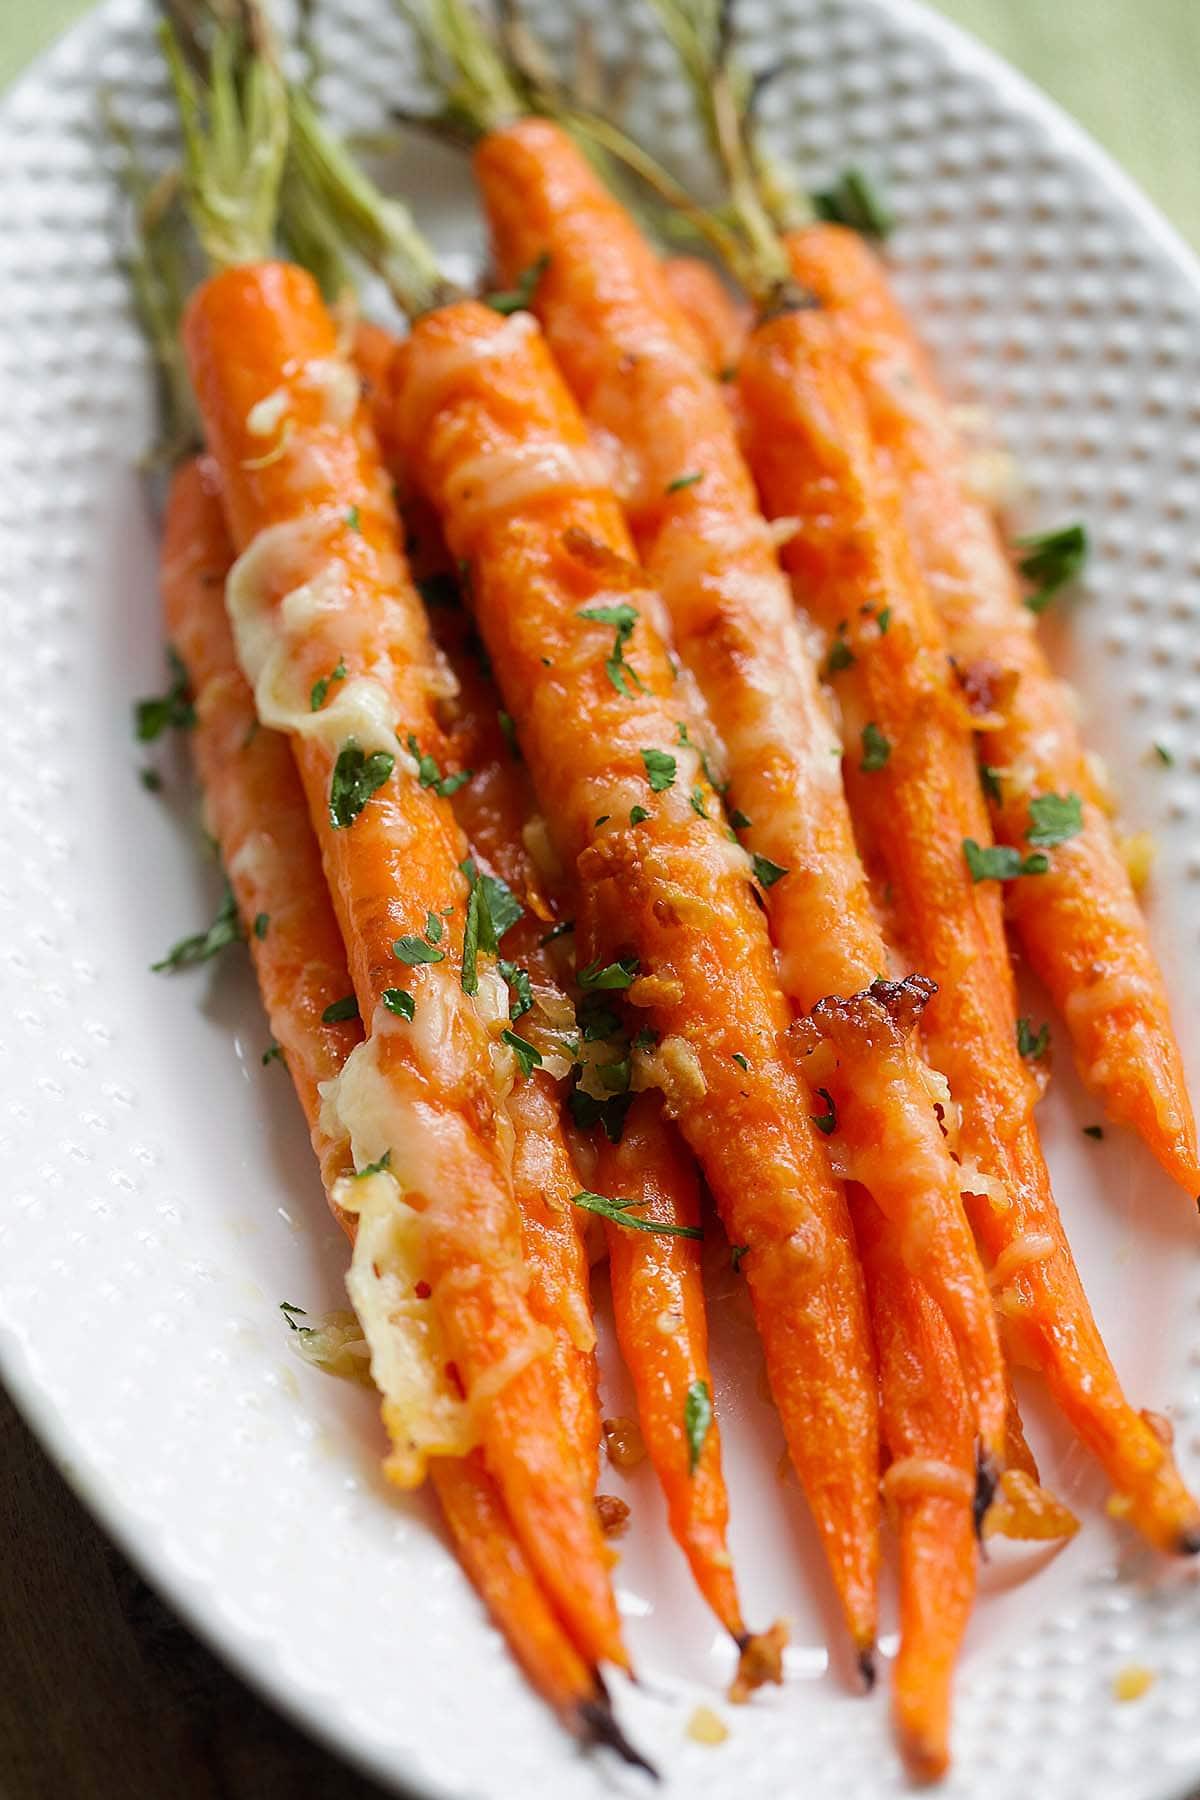 Une des meilleures recettes de carottes rôties à base de carottes, d'ail, de beurre et de parmesan sur une assiette.